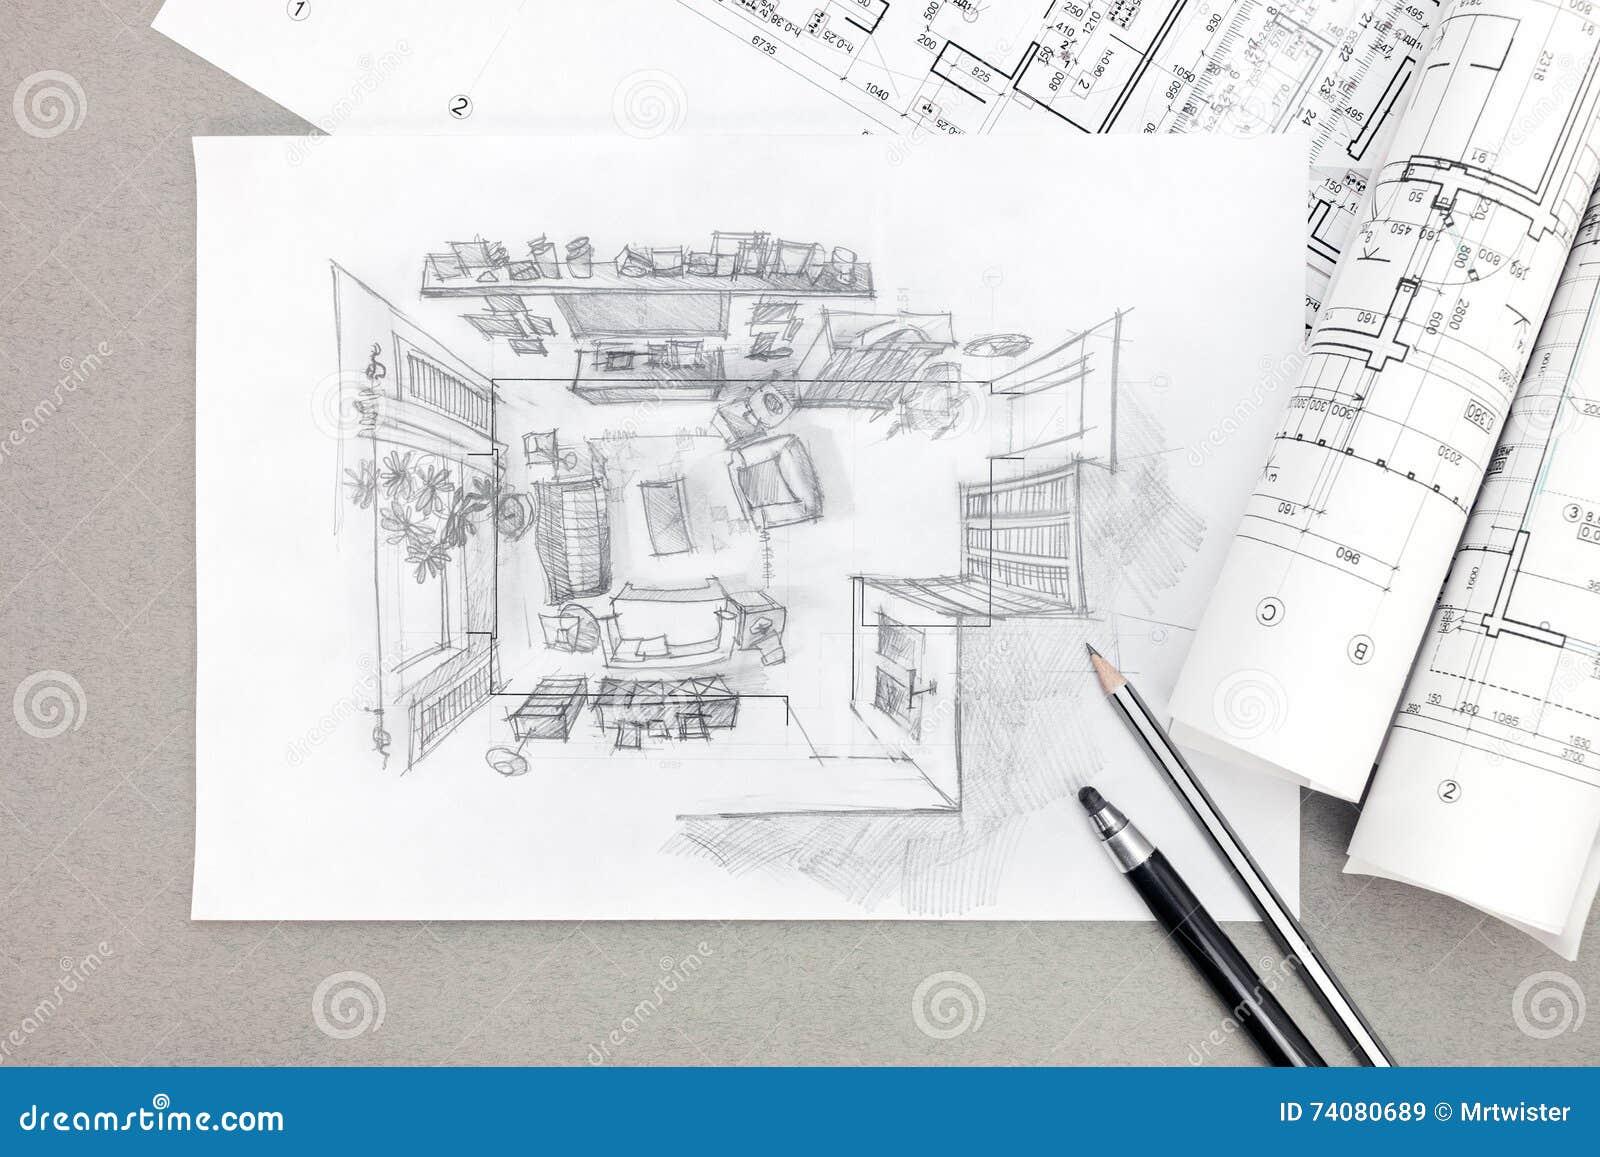 https://thumbs.dreamstime.com/z/schets-uit-de-vrije-hand-architecturale-tekening-van-woonkamer-met-potlood-74080689.jpg